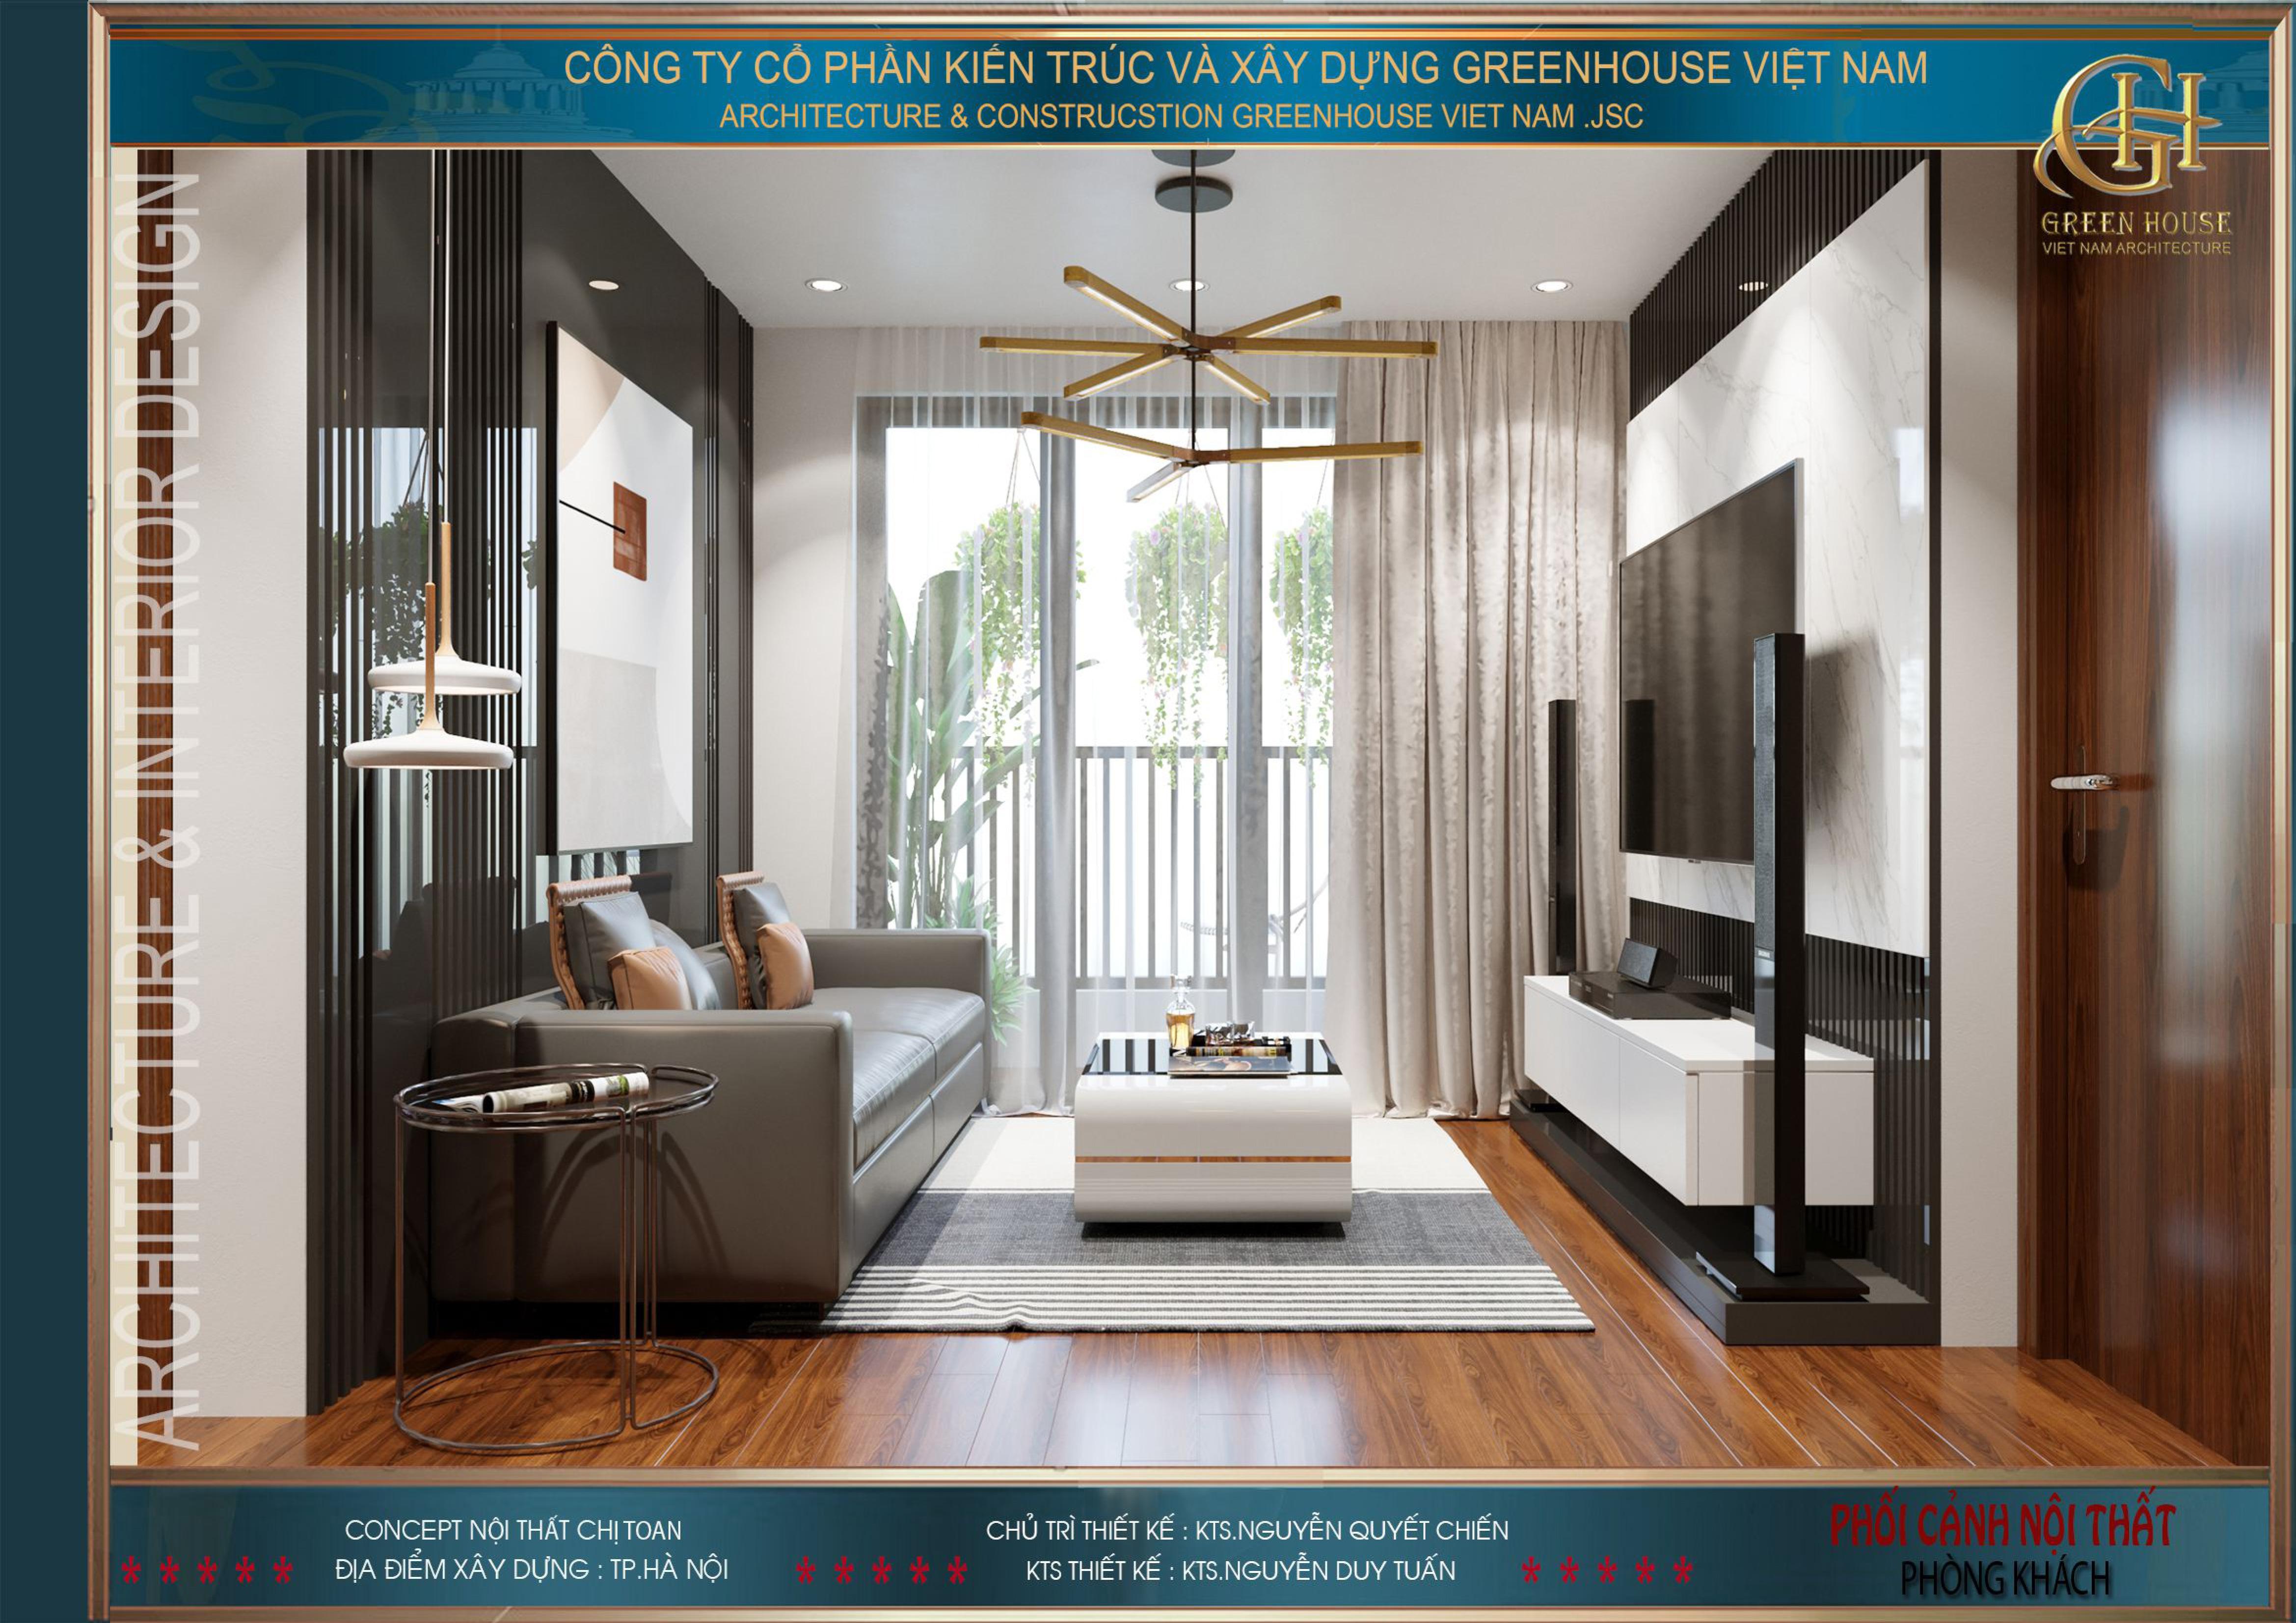 Phòng khách của chung cư được thiết kế một cách khéo léo tinh tế